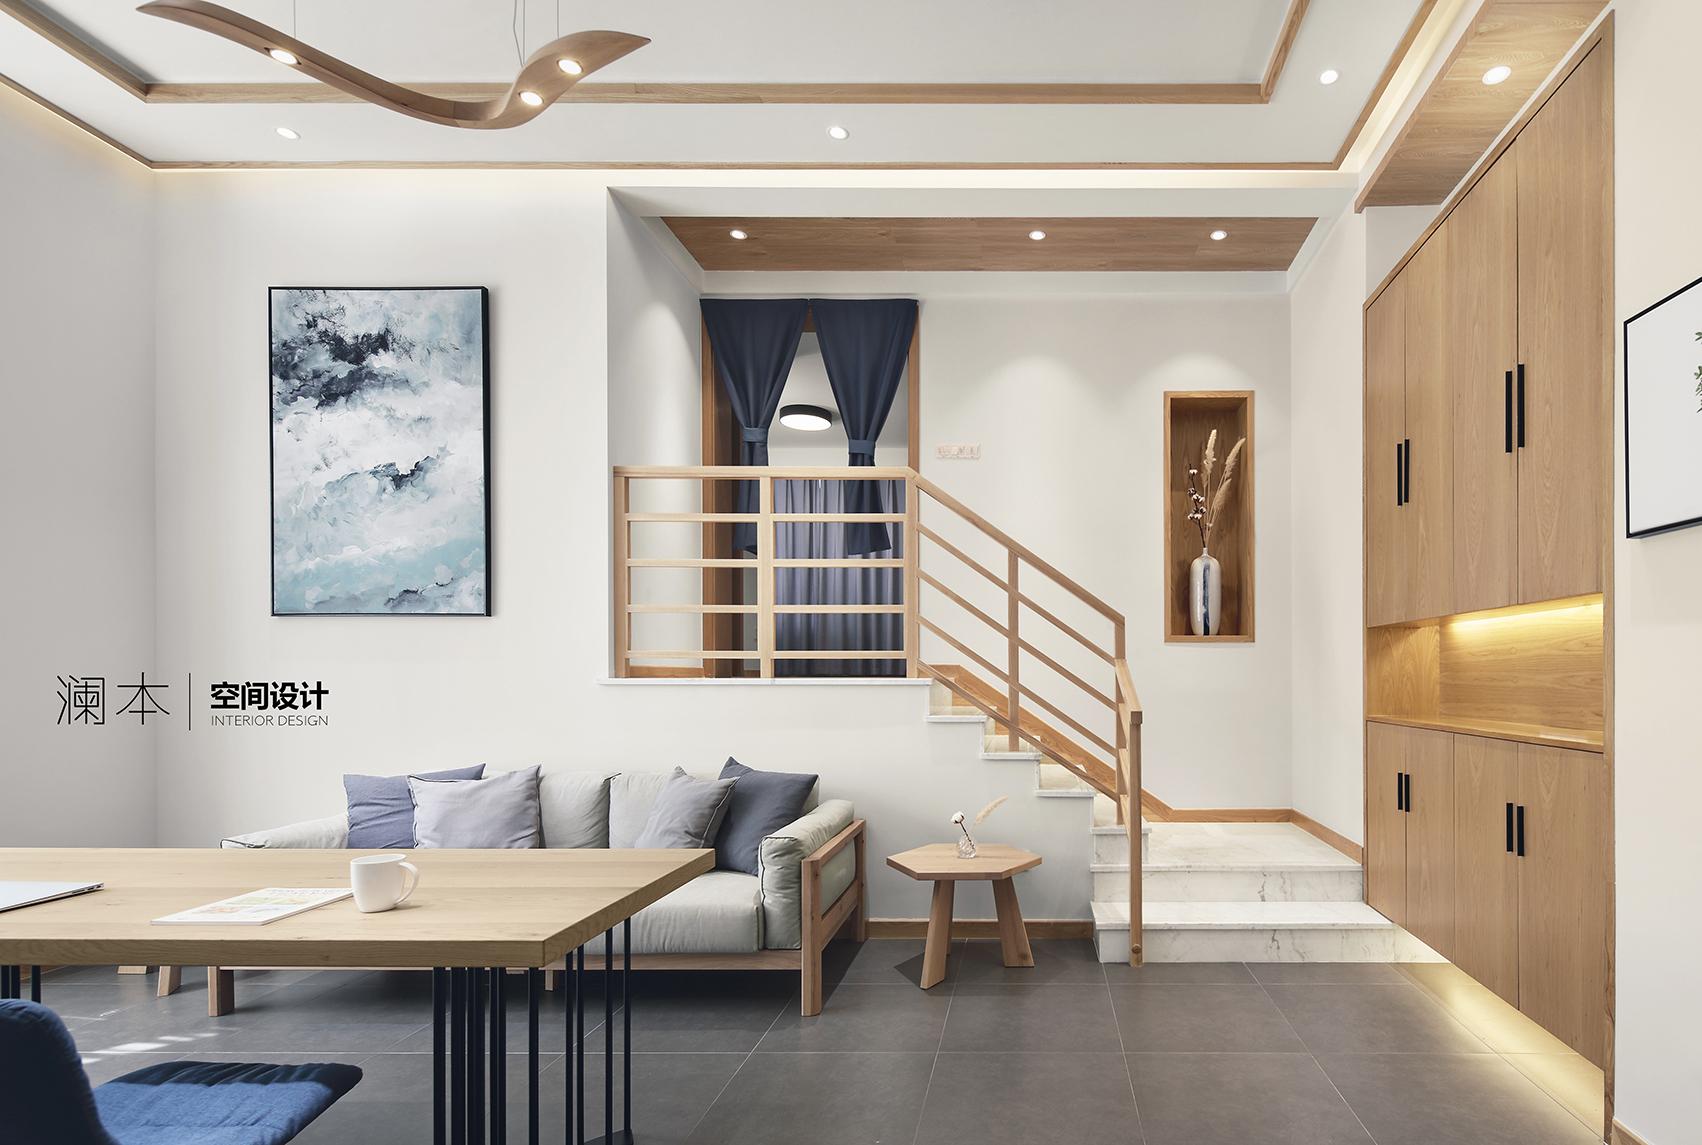 质朴116平日式三居客厅装修图片客厅沙发日式客厅设计图片赏析